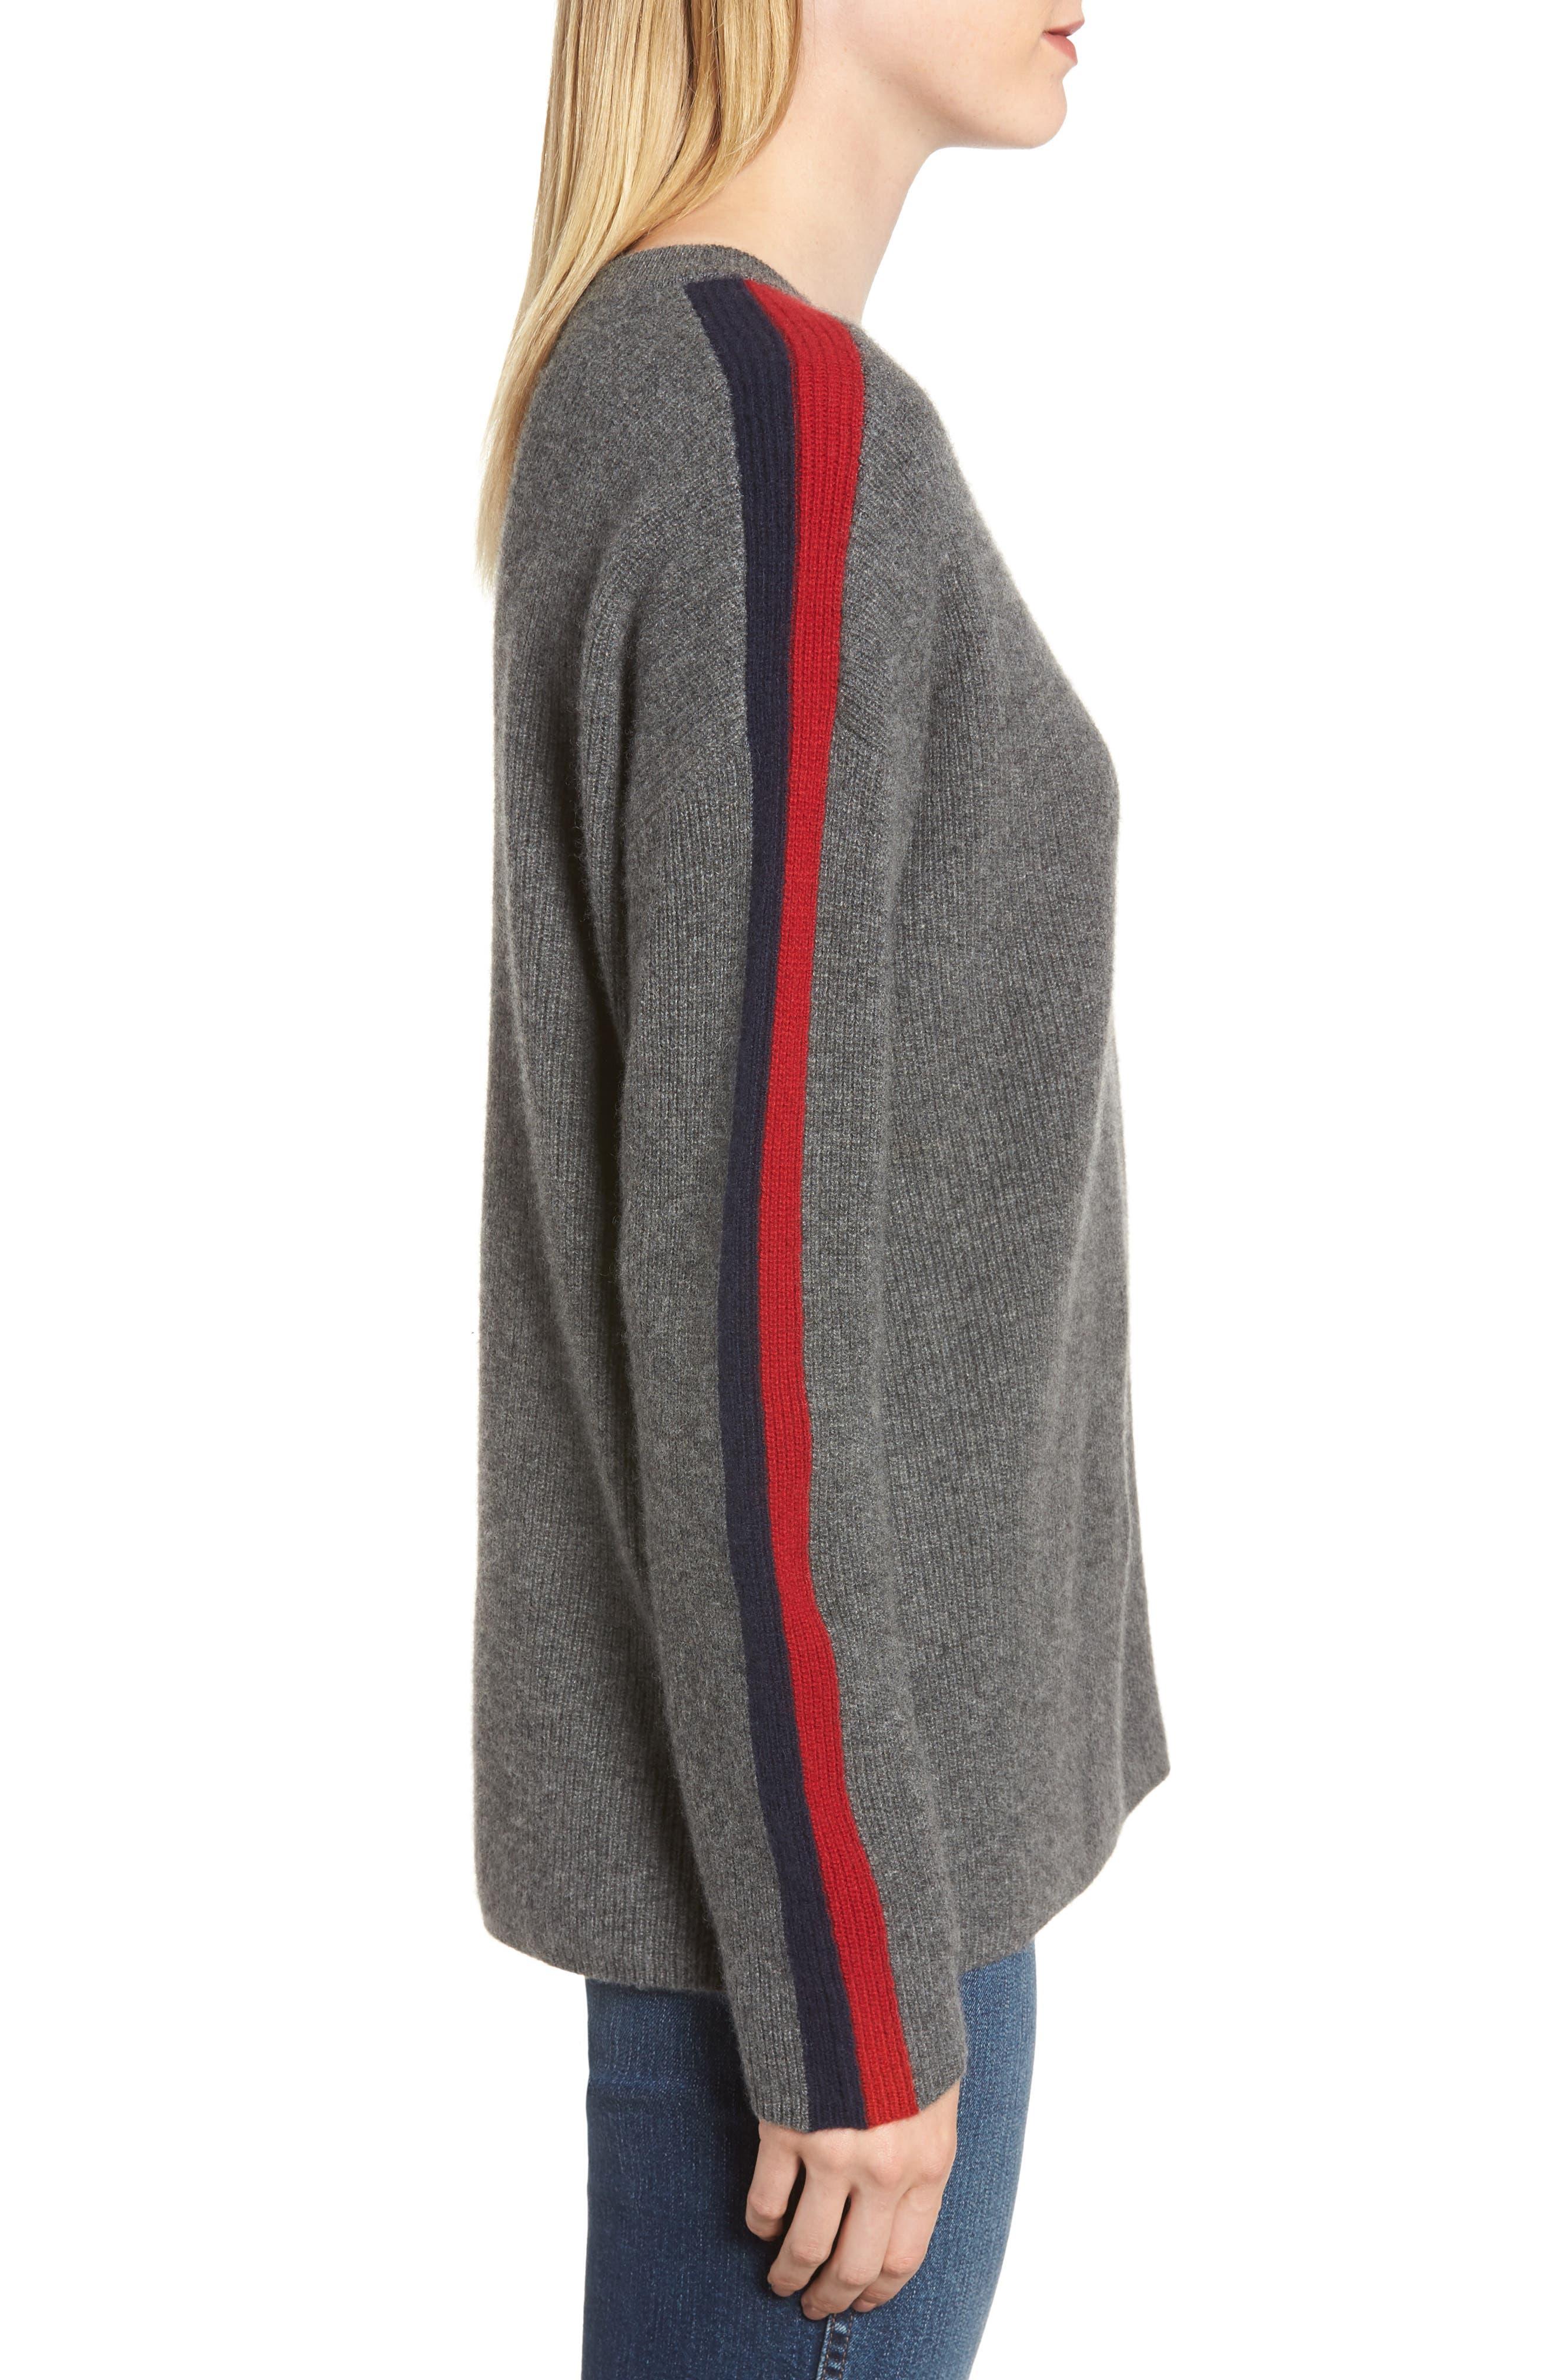 VELVET BY GRAHAM & SPENCER, Stripe Sleeve Cashmere Sweater, Alternate thumbnail 3, color, DARK GREY